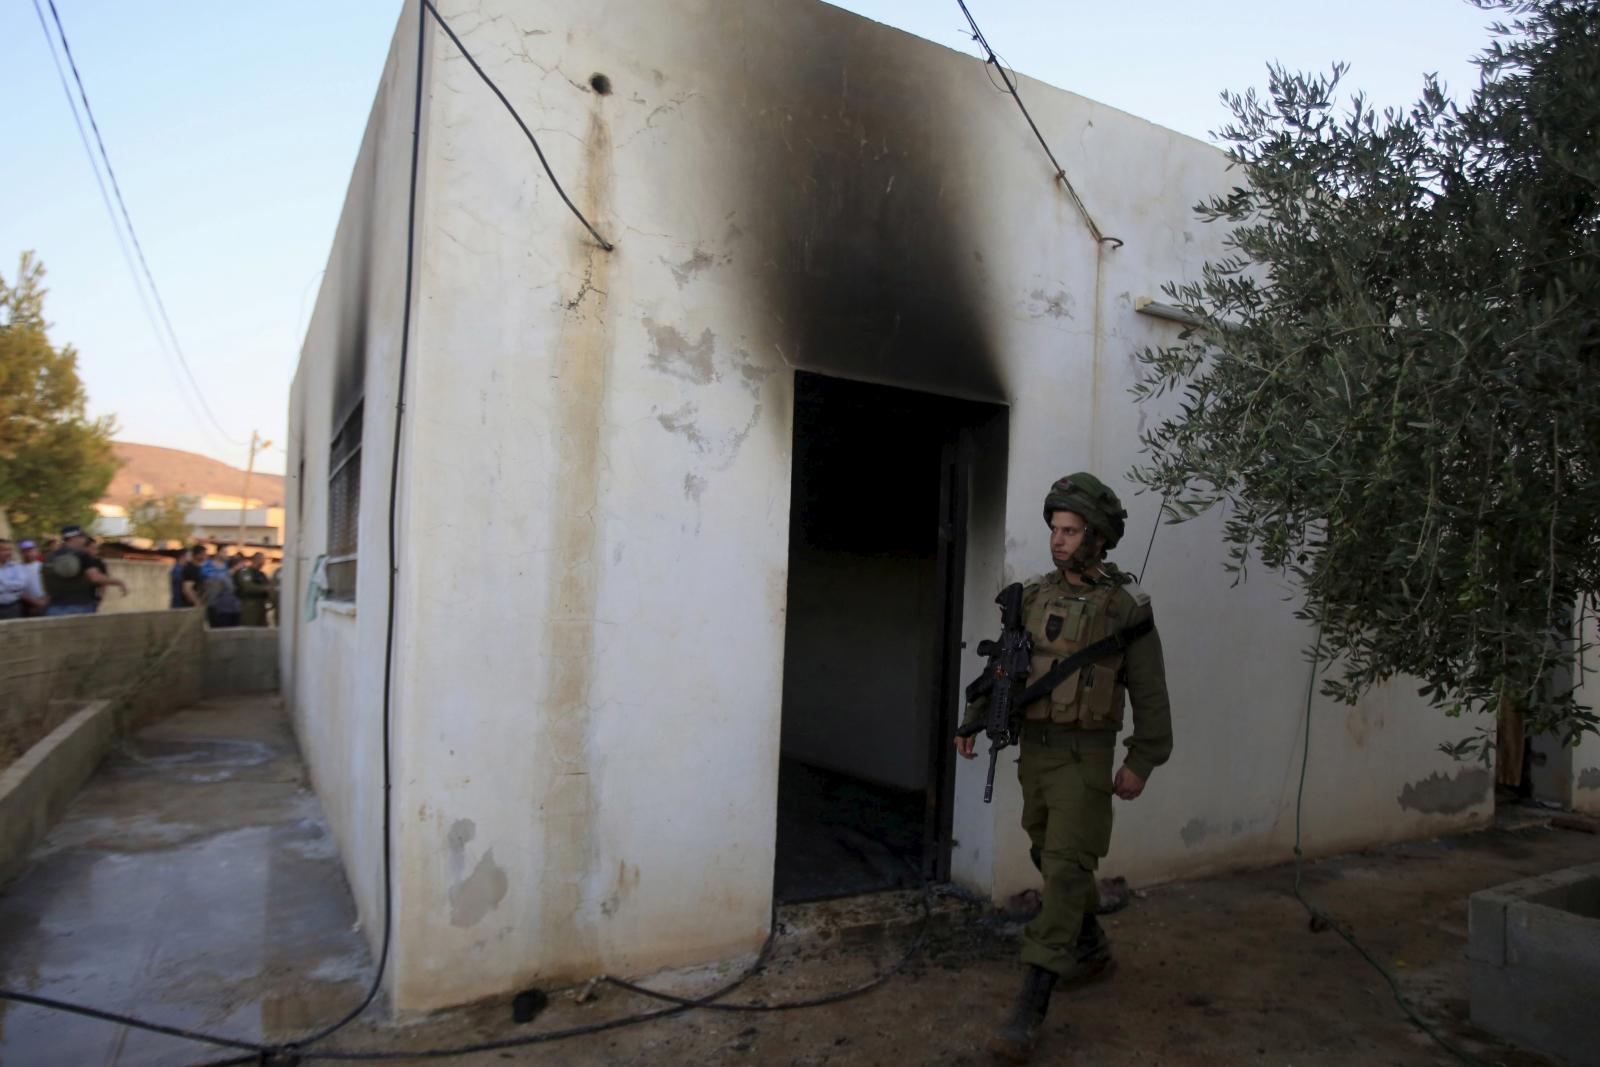 Palestine child burnt to death